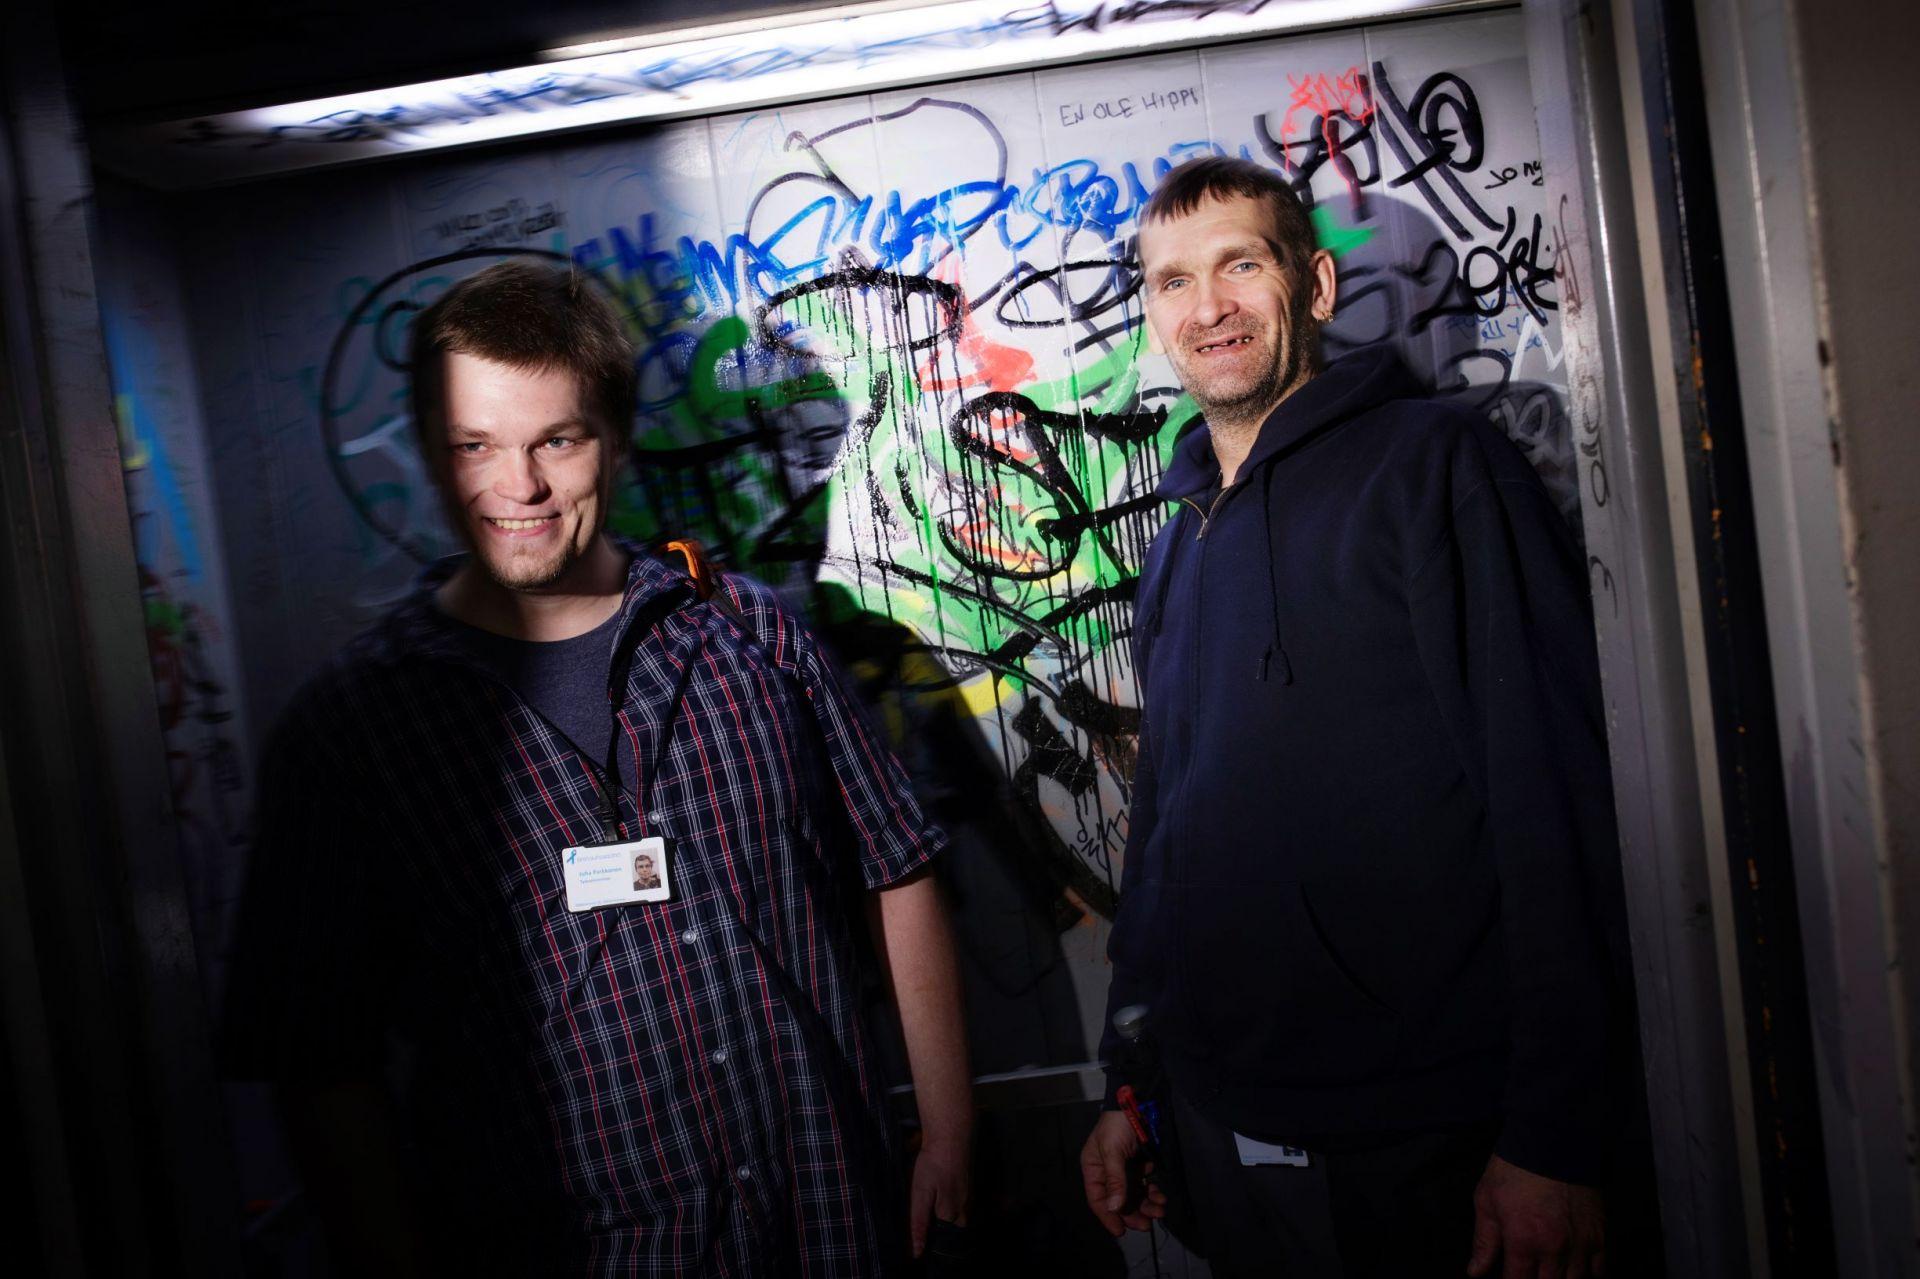 Junnu Parkkonen graffiteja täynnä olevassa hississä yhdessä Veigo Veskin kanssa.